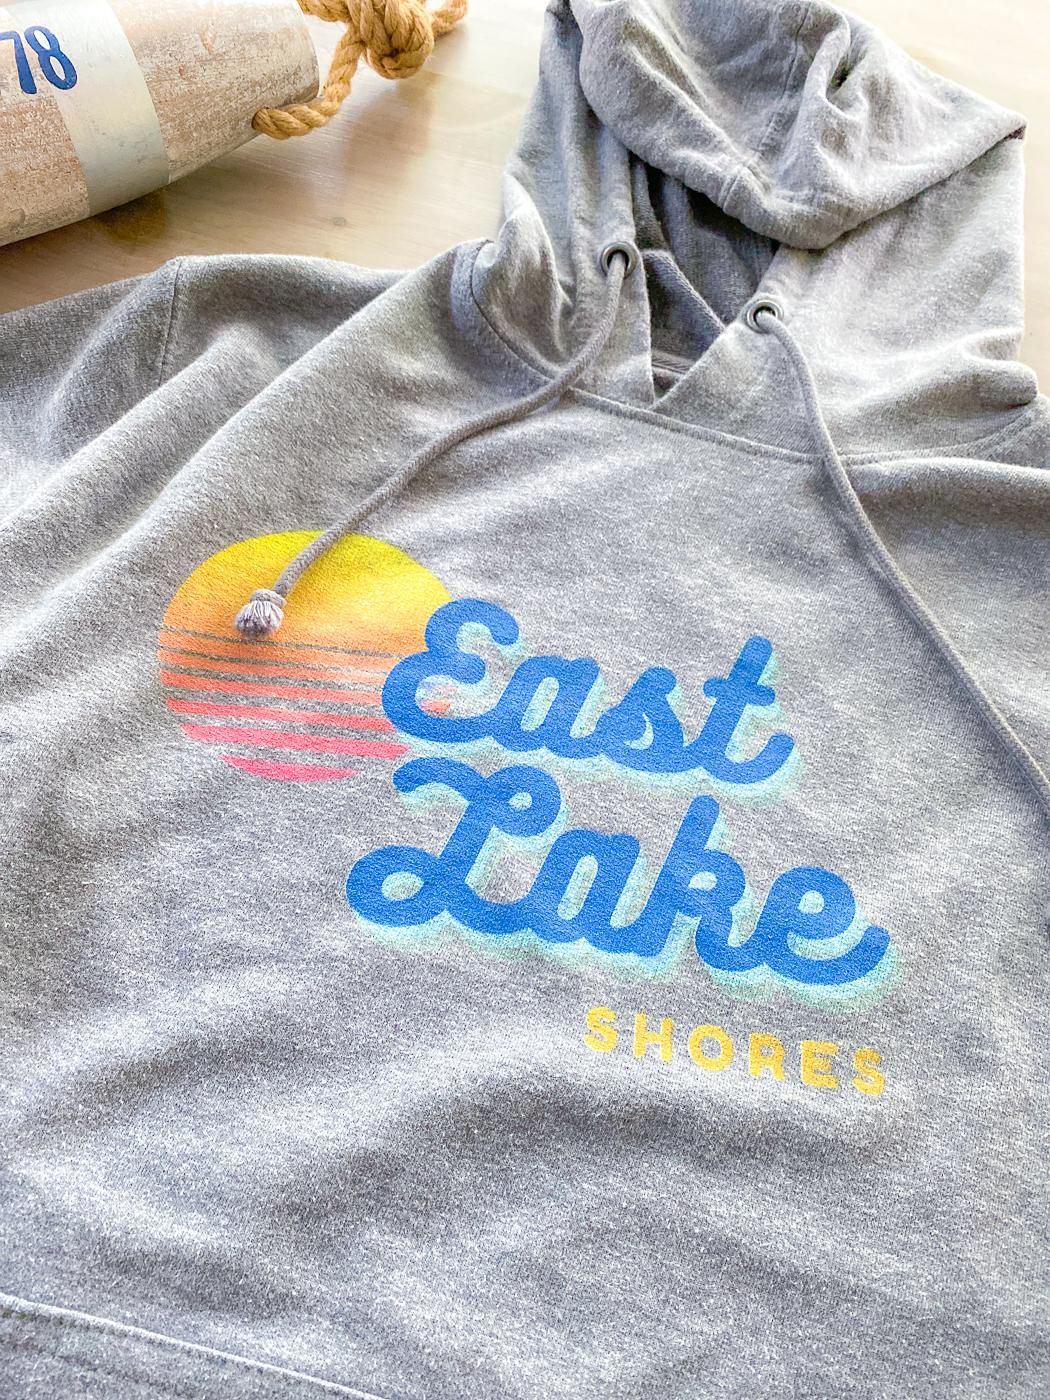 diy custom hoodie, custom printed hoodie, diy custom hoodies for family